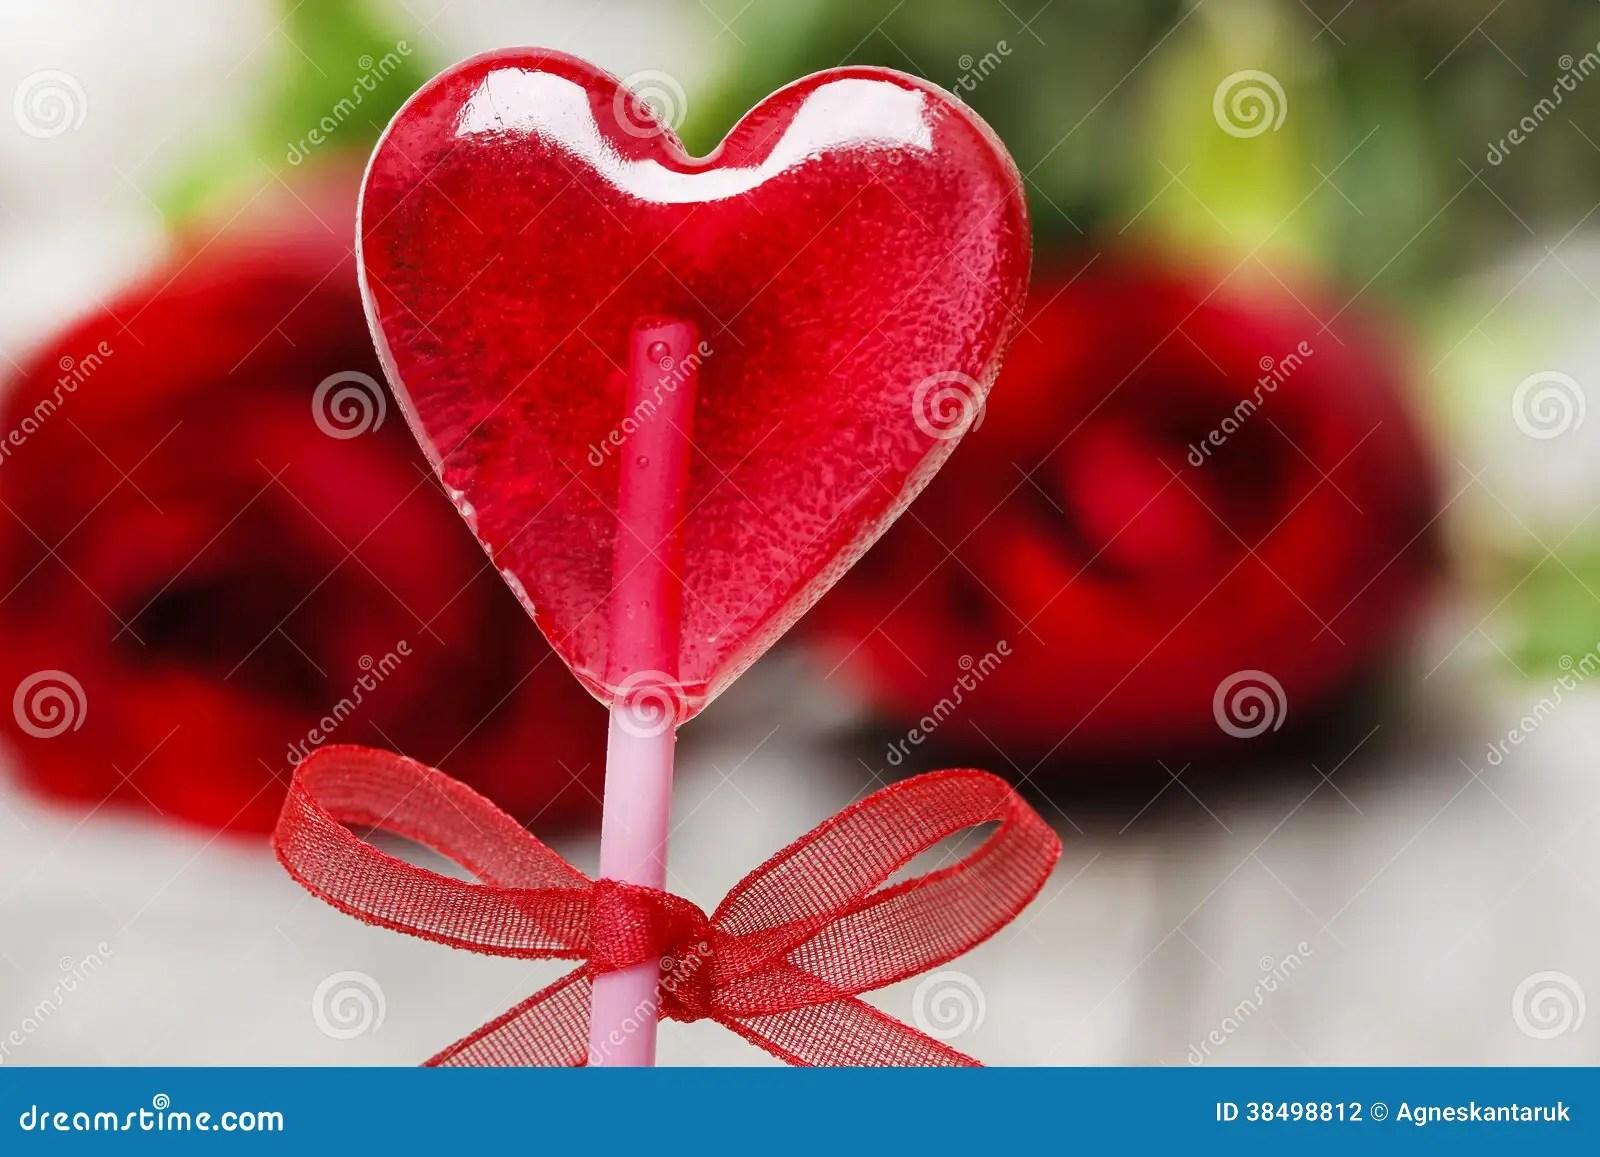 lovely red lollipop in